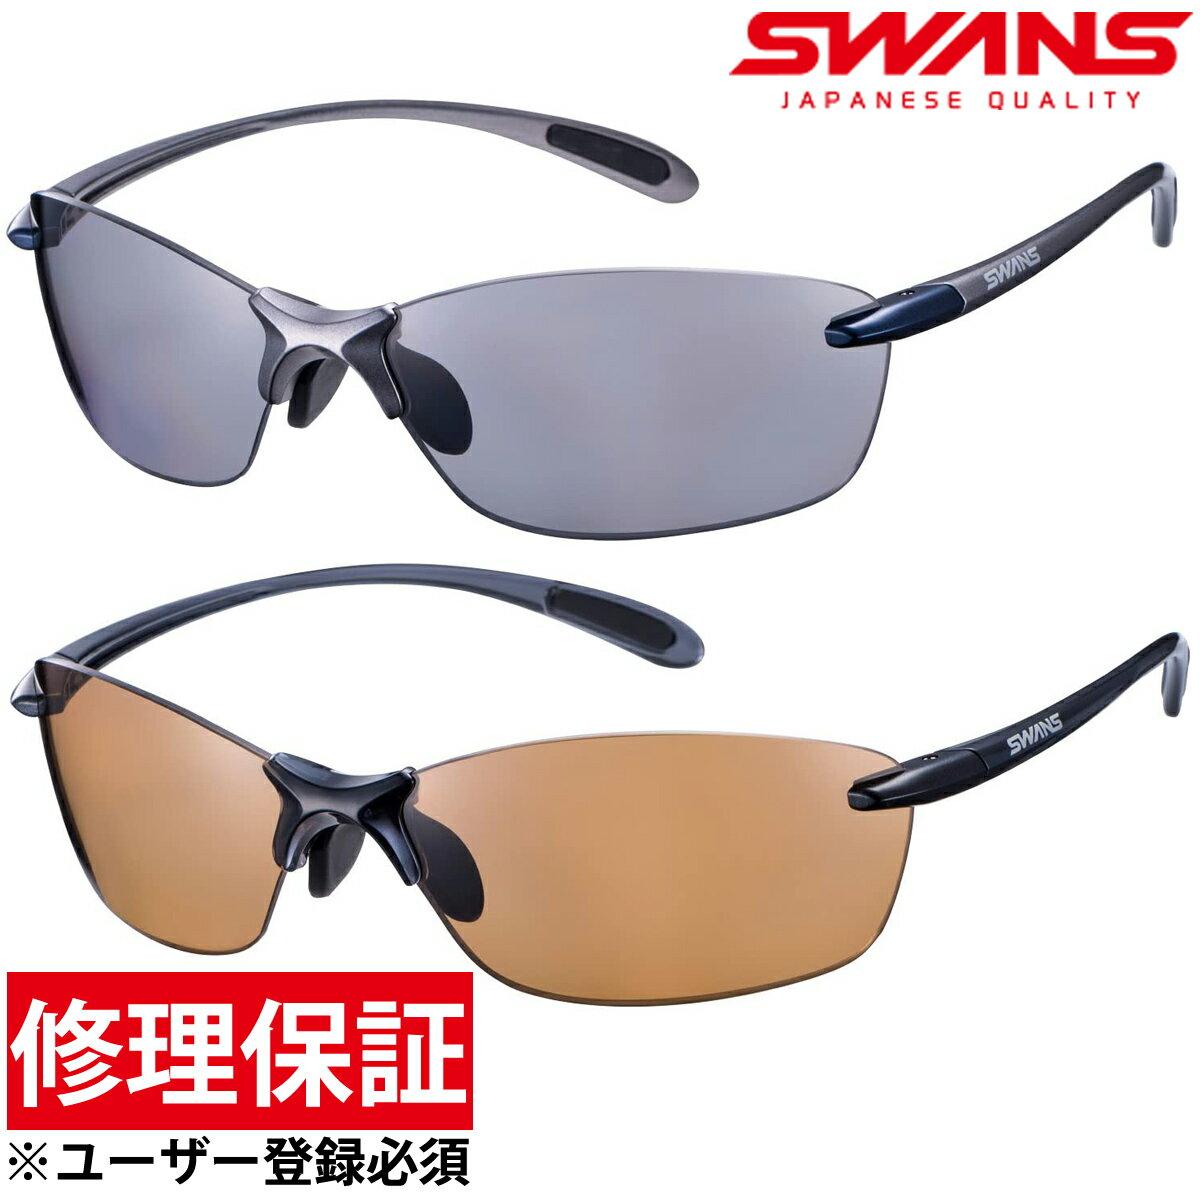 スポーツサングラス Airless Leaffit エアレス・リーフフィット 偏光レンズ SALF-0051 SALF-0065 偏光サングラス メンズ UV 紫外線カット おすすめ 人気 おしゃれ SWANS